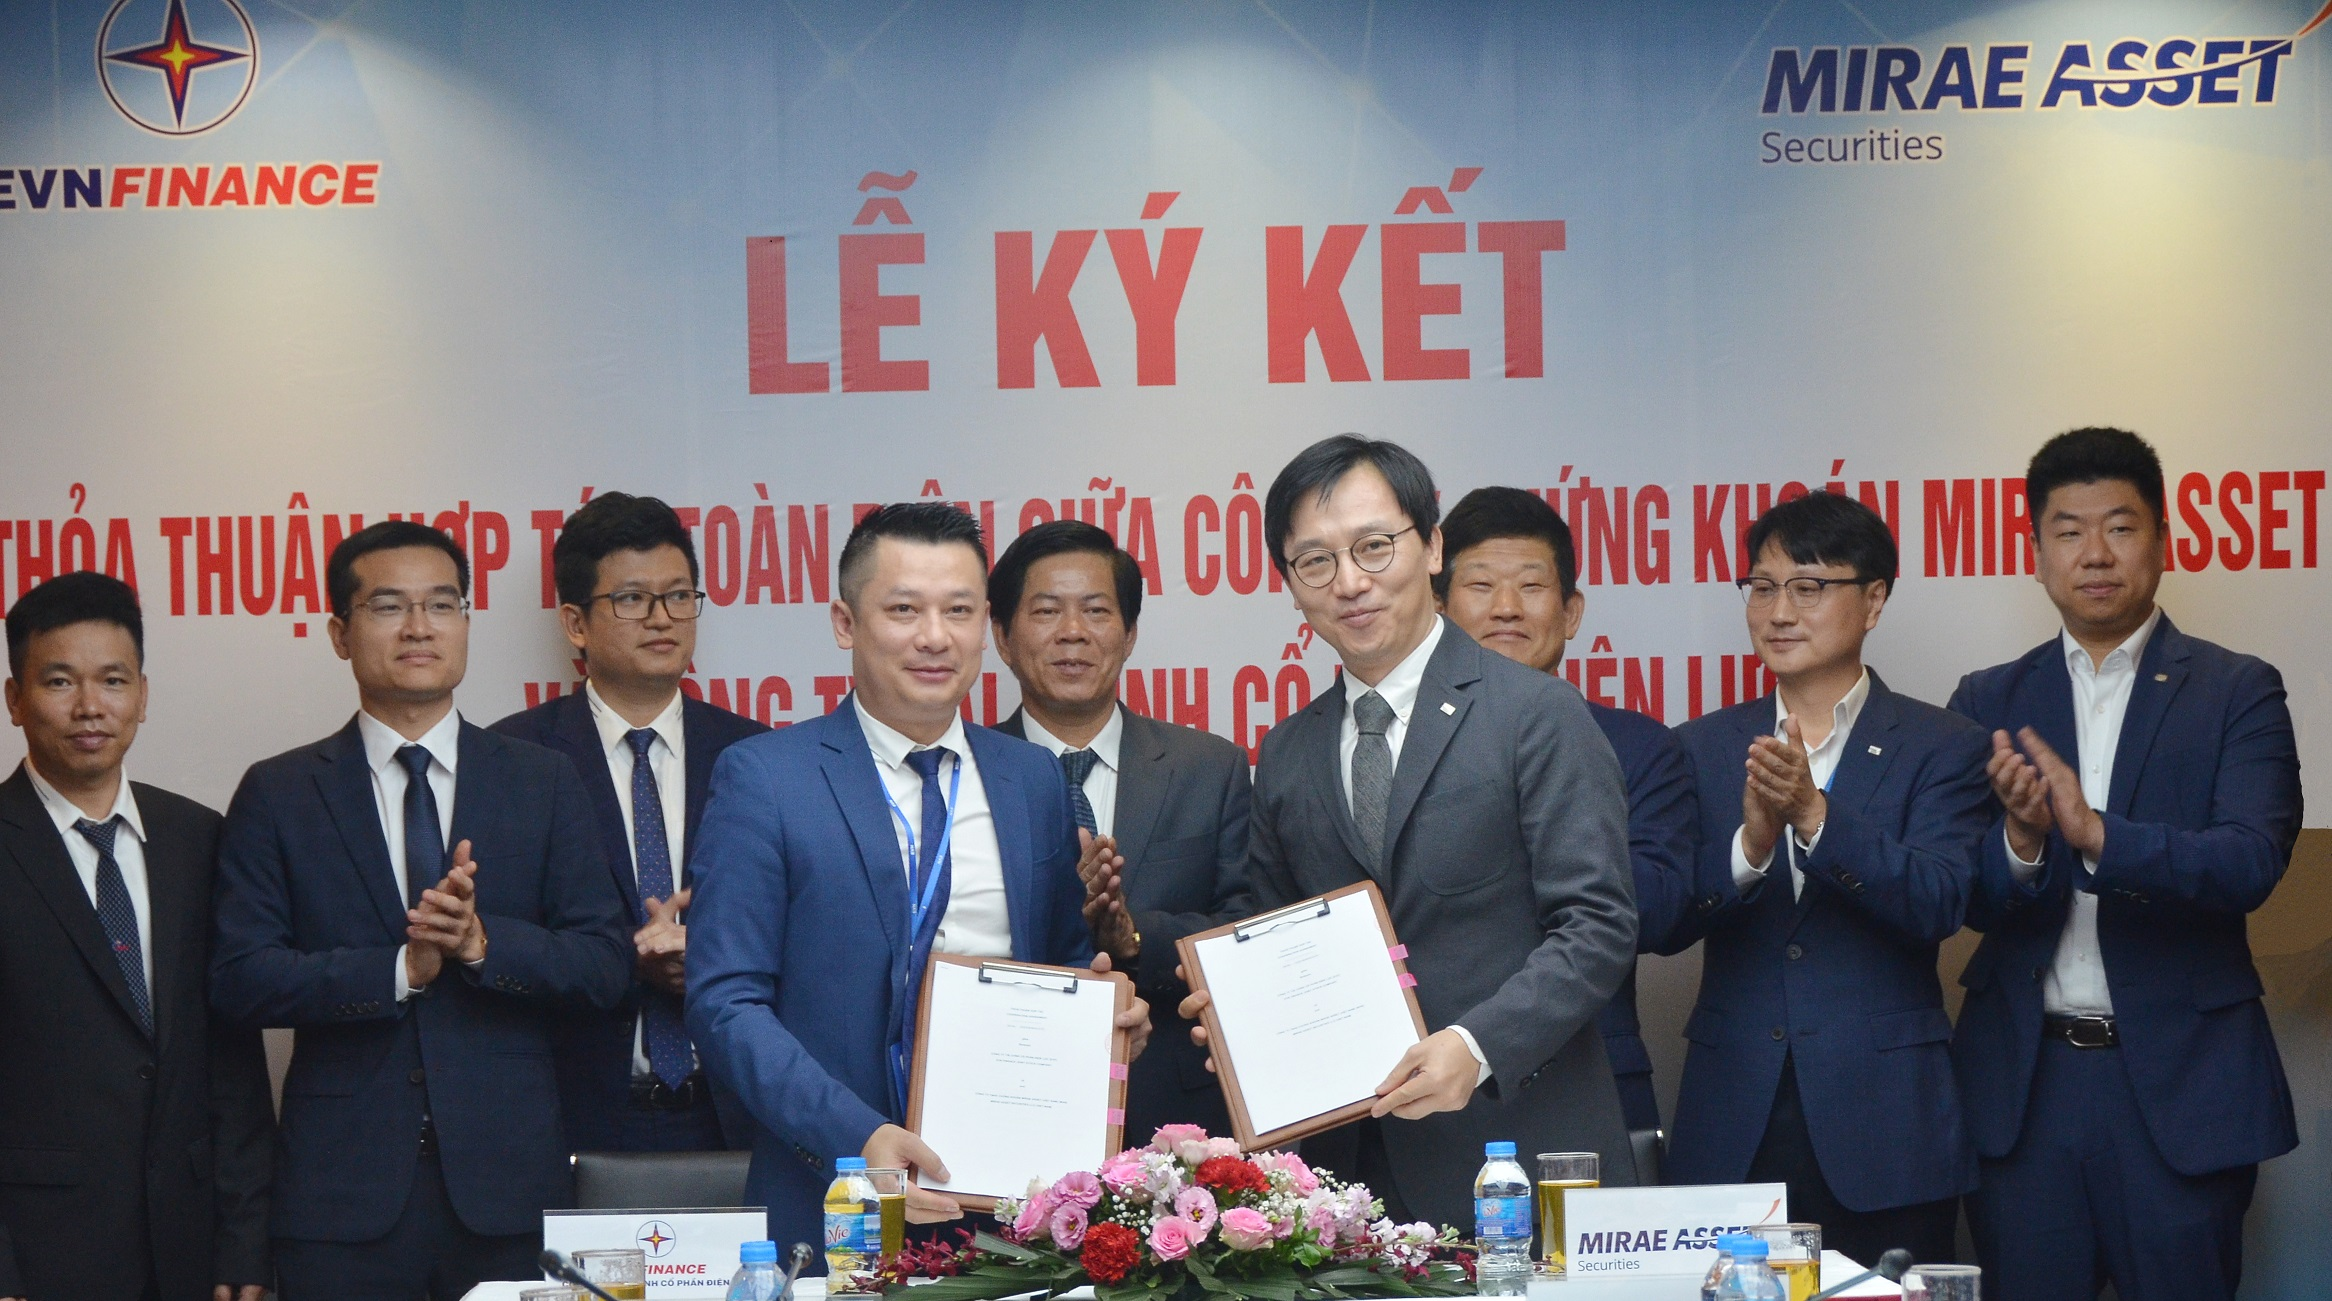 EVNFinance và Mirae Asset ký thỏa thuận hợp tác chung